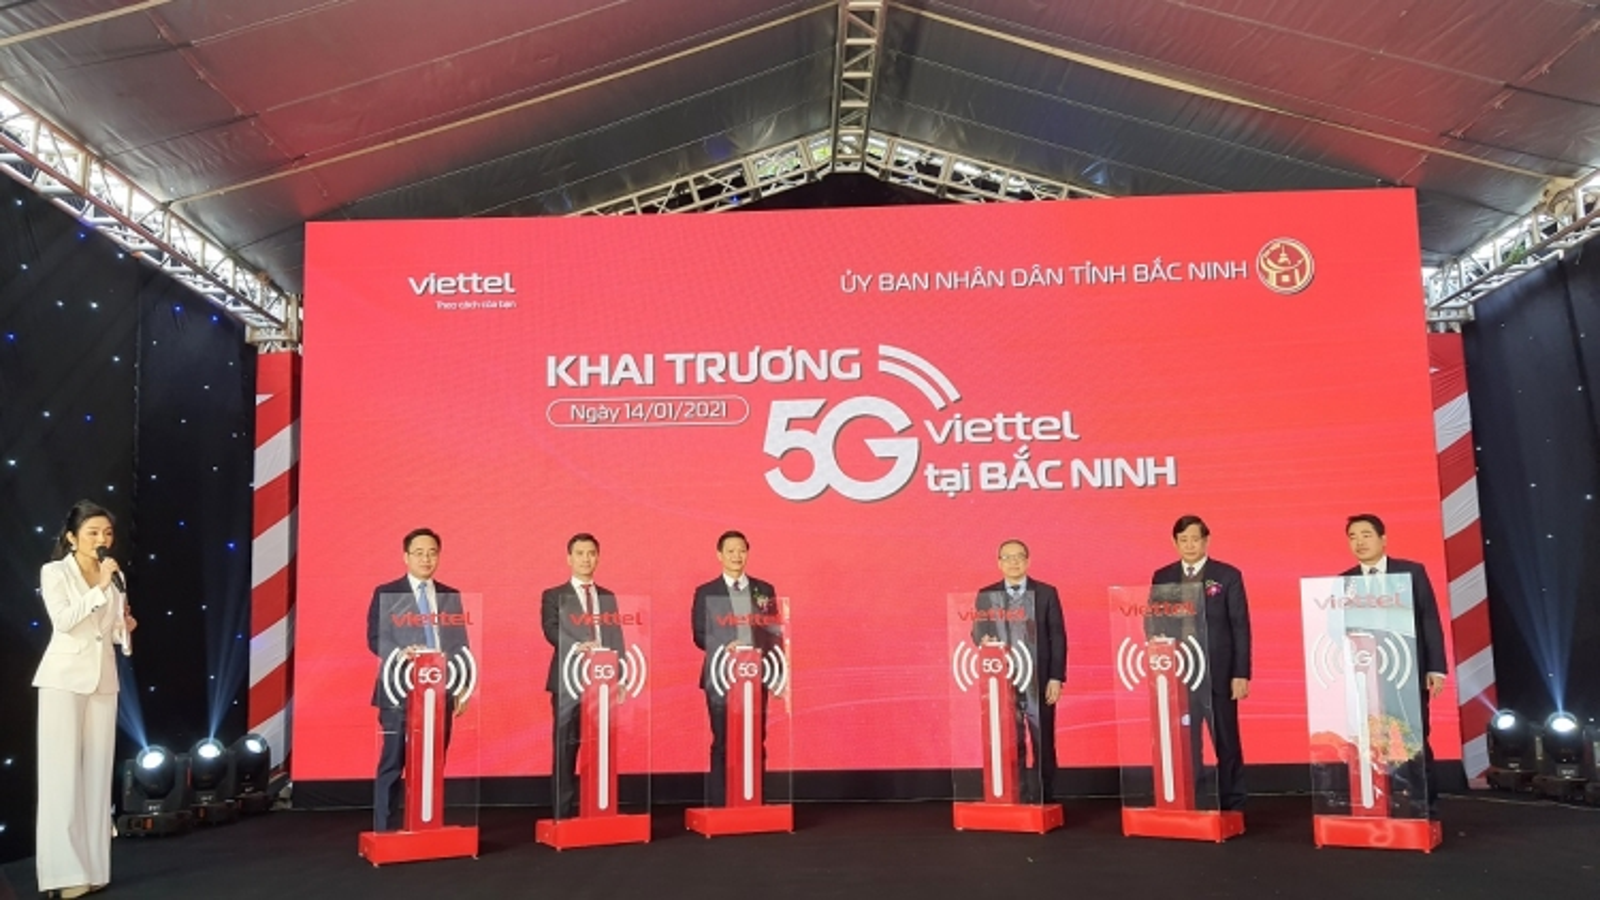 Bắc Ninh khai trương mạng 5G đầu tiên tại khu công nghiệp